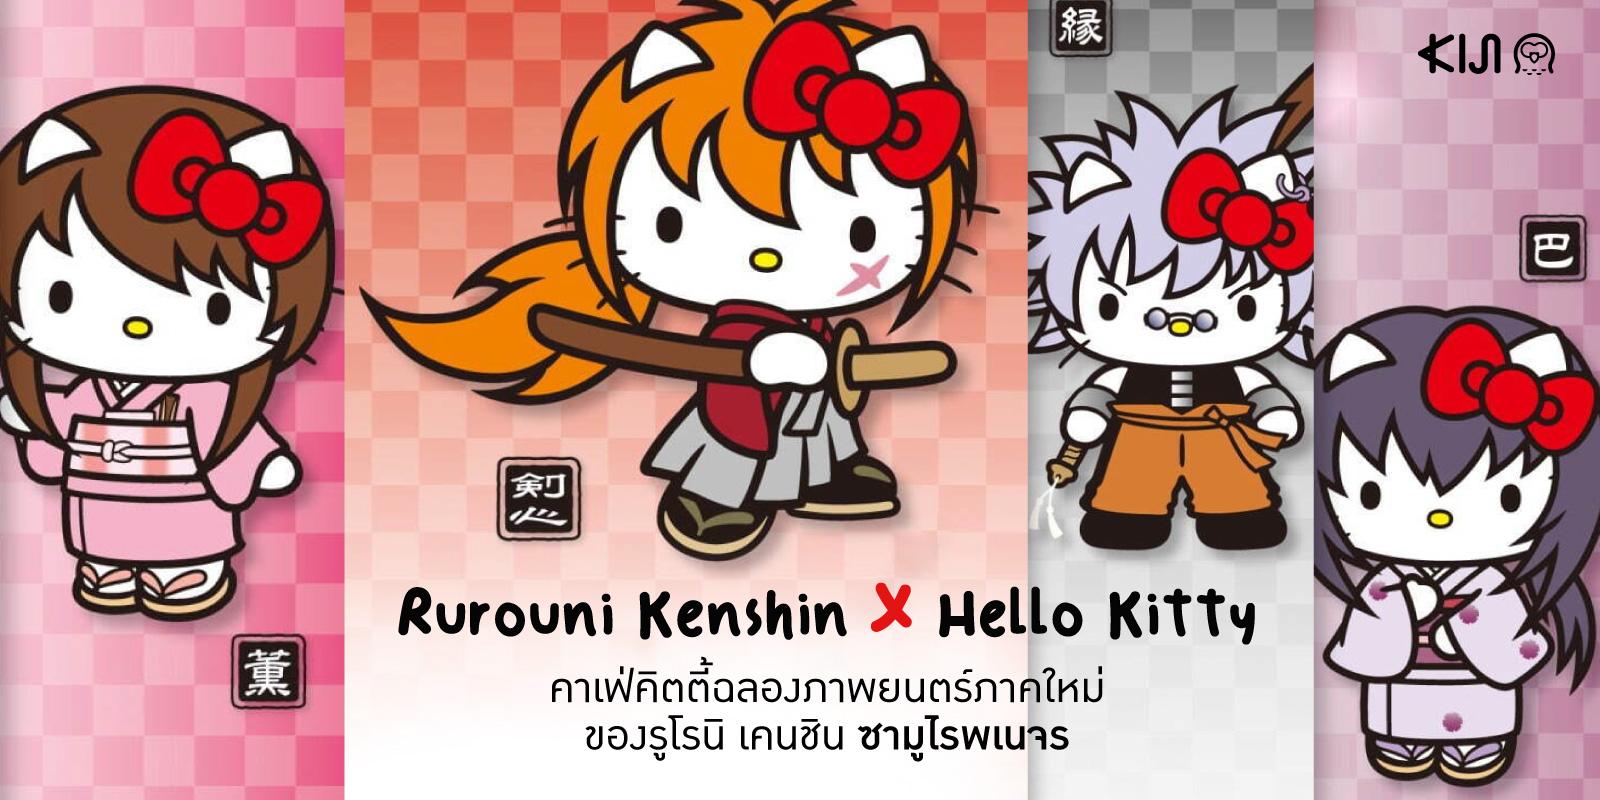 Rurouni Kenshin x Hello Kitty คาเฟ่คิตตี้ฉลองภาพยนตร์ซามูไรพเนจร